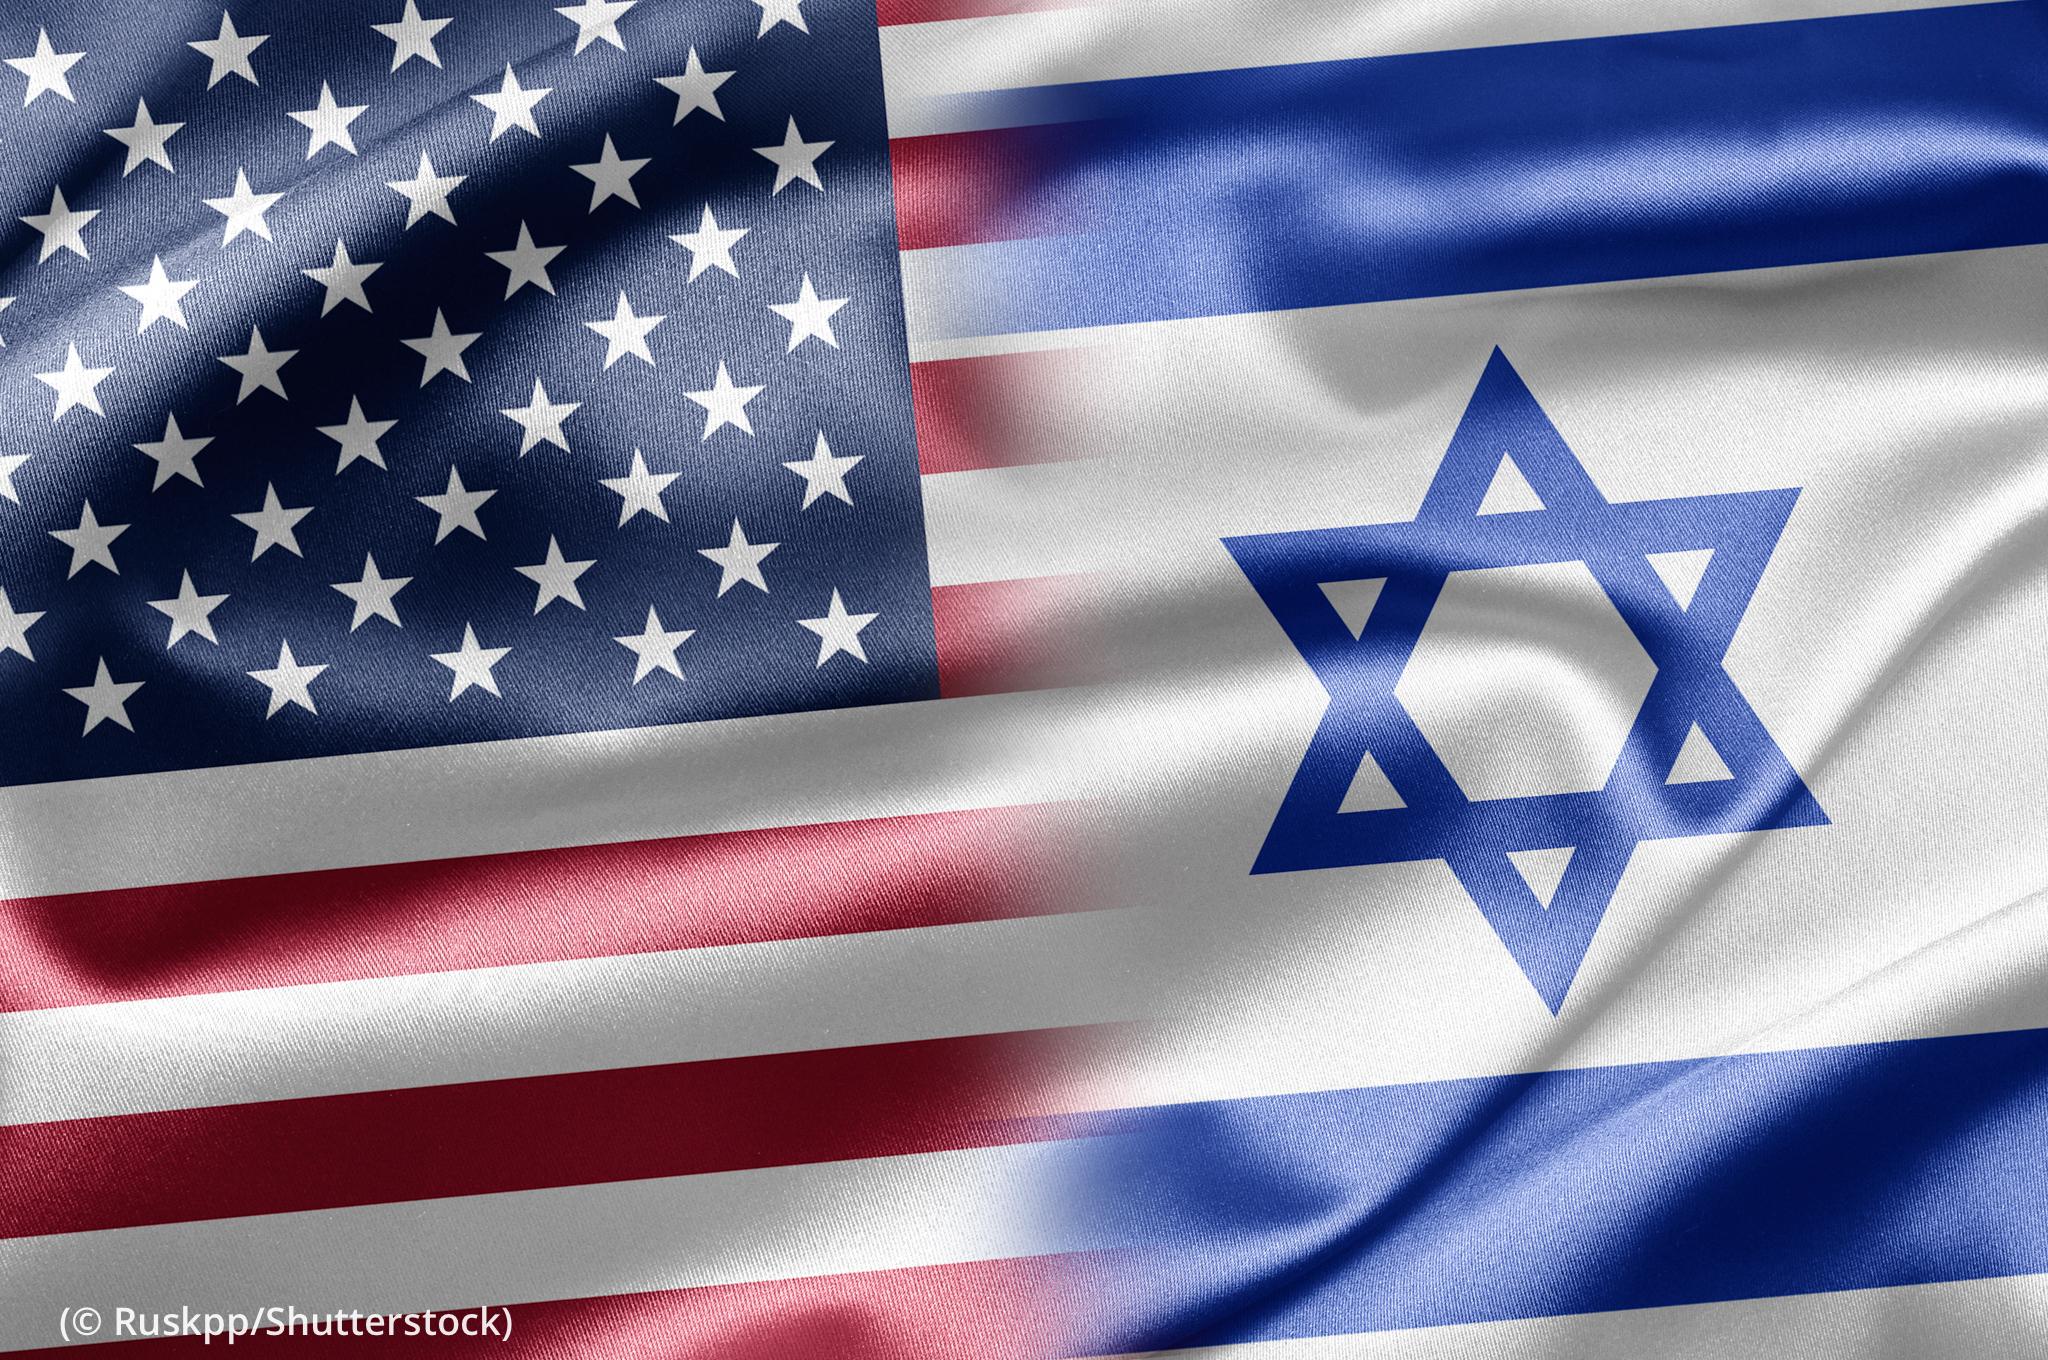 U.S. flag and Israeli flag (© Ruskpp/Shutterstock)